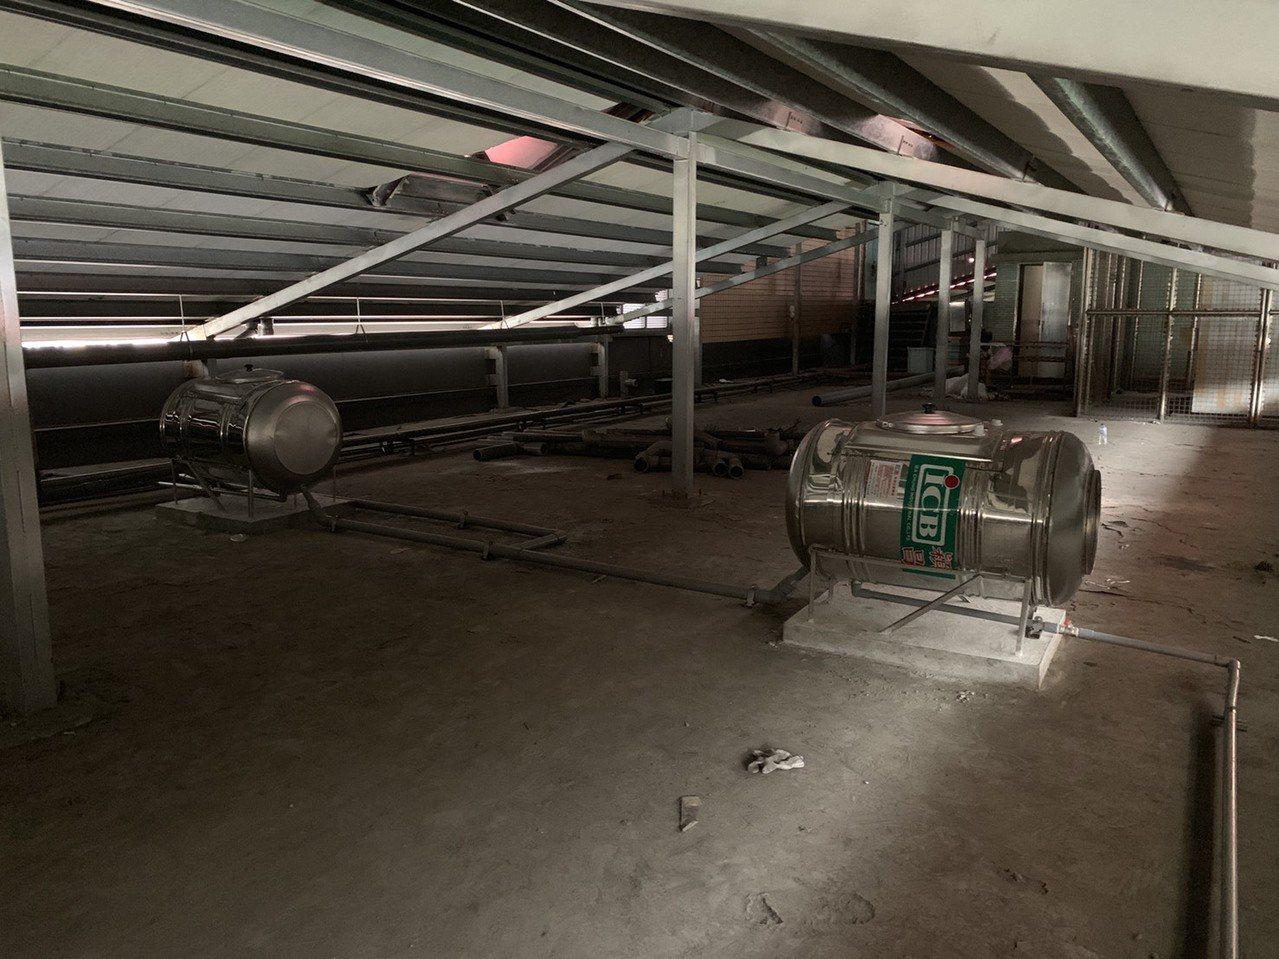 新北市水利局在校園基地的地底下設計了400噸地下貯水池及30噸透水鋪面容量,遭逢大雨時,雨水將儲存在地面下方的地下儲水池,可有效滯延與消減洪峰。